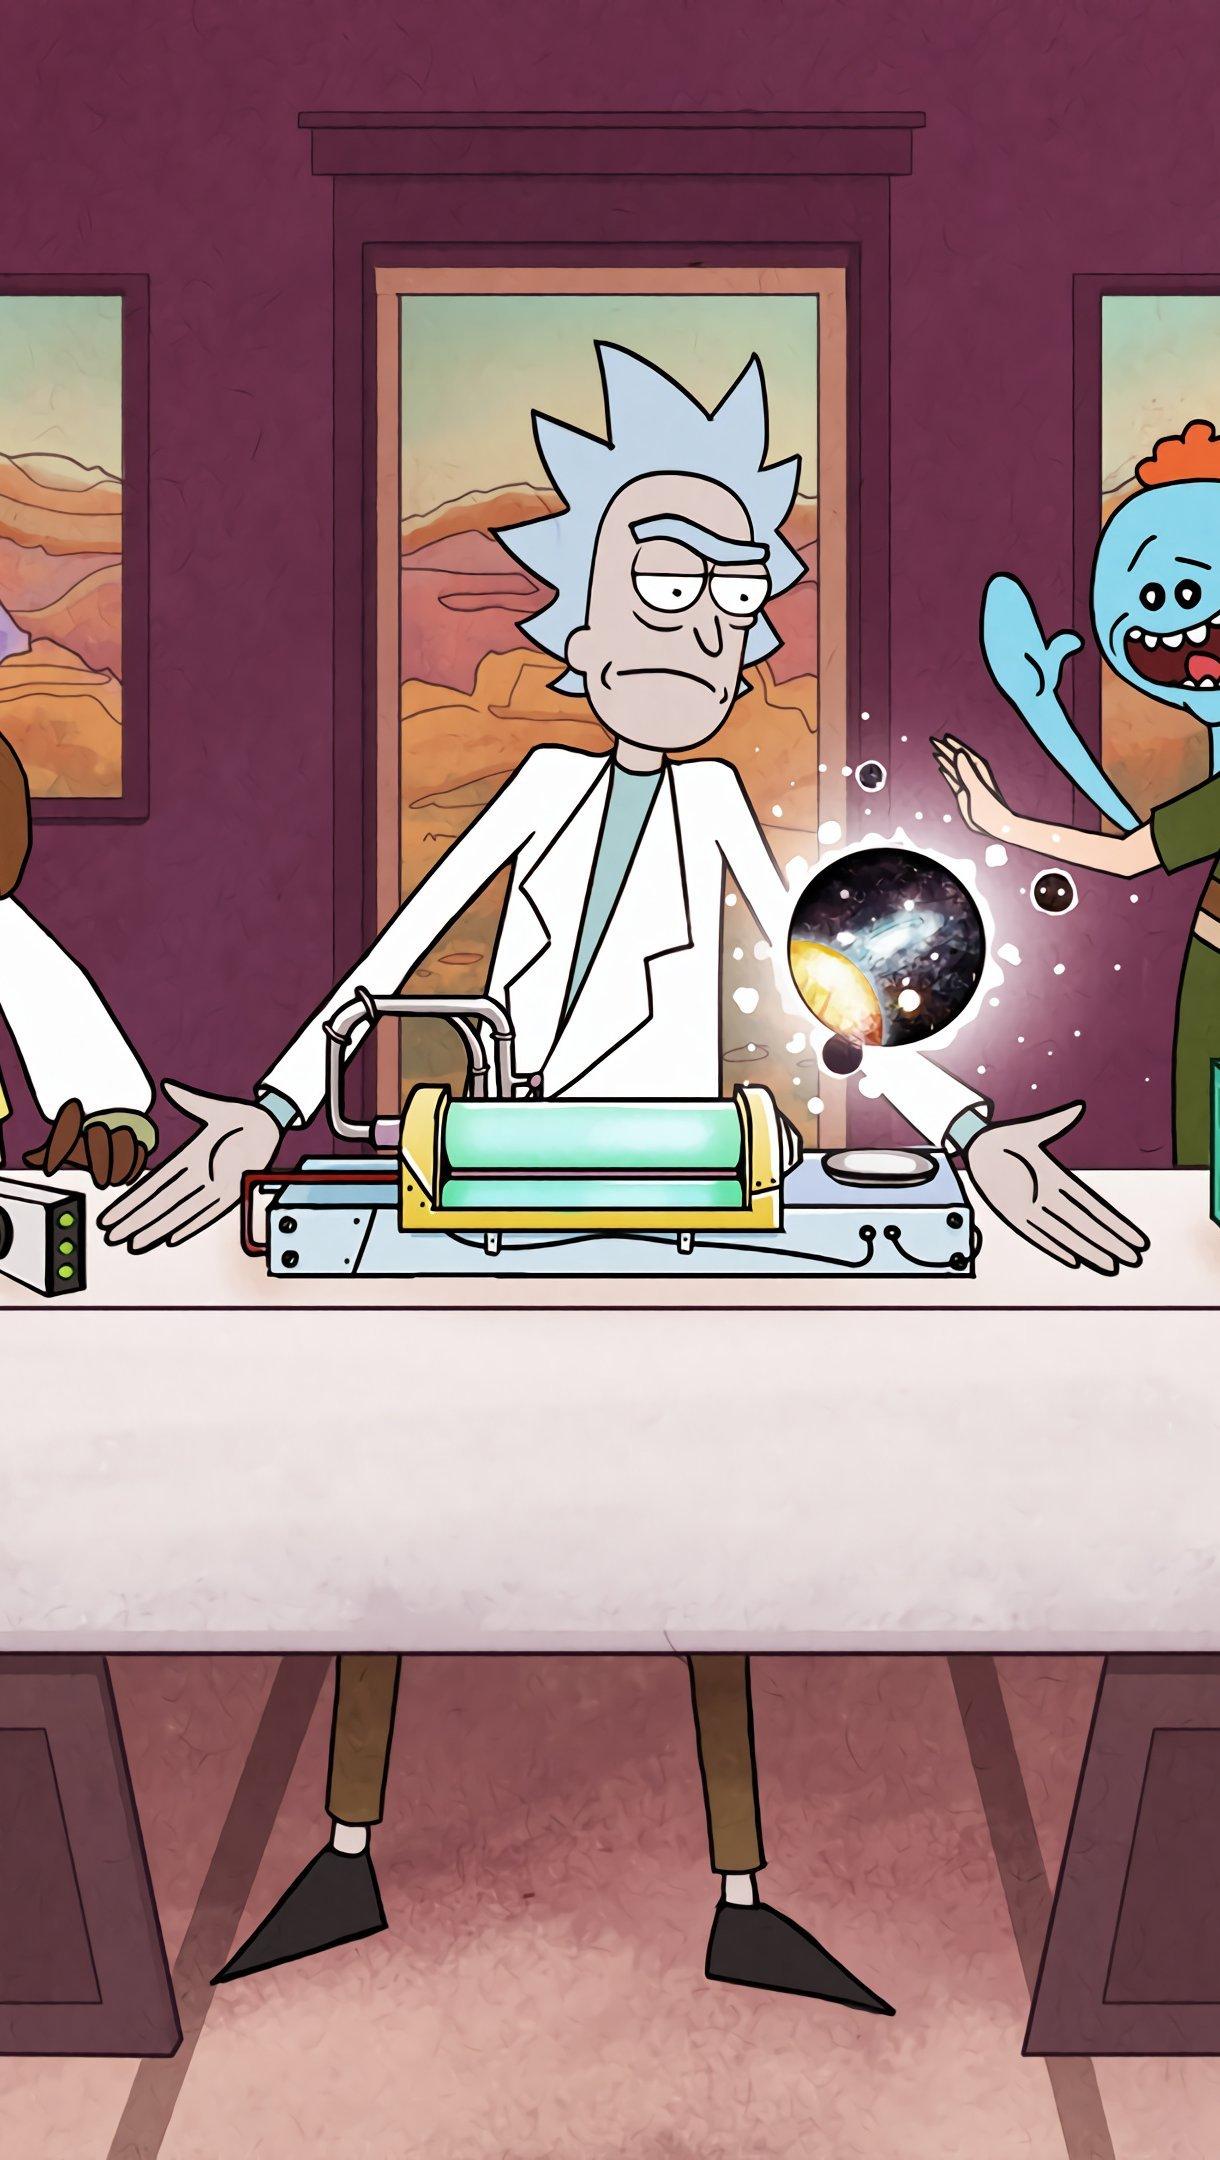 Fondos de pantalla La ultima cena de Rick y Morty Vertical